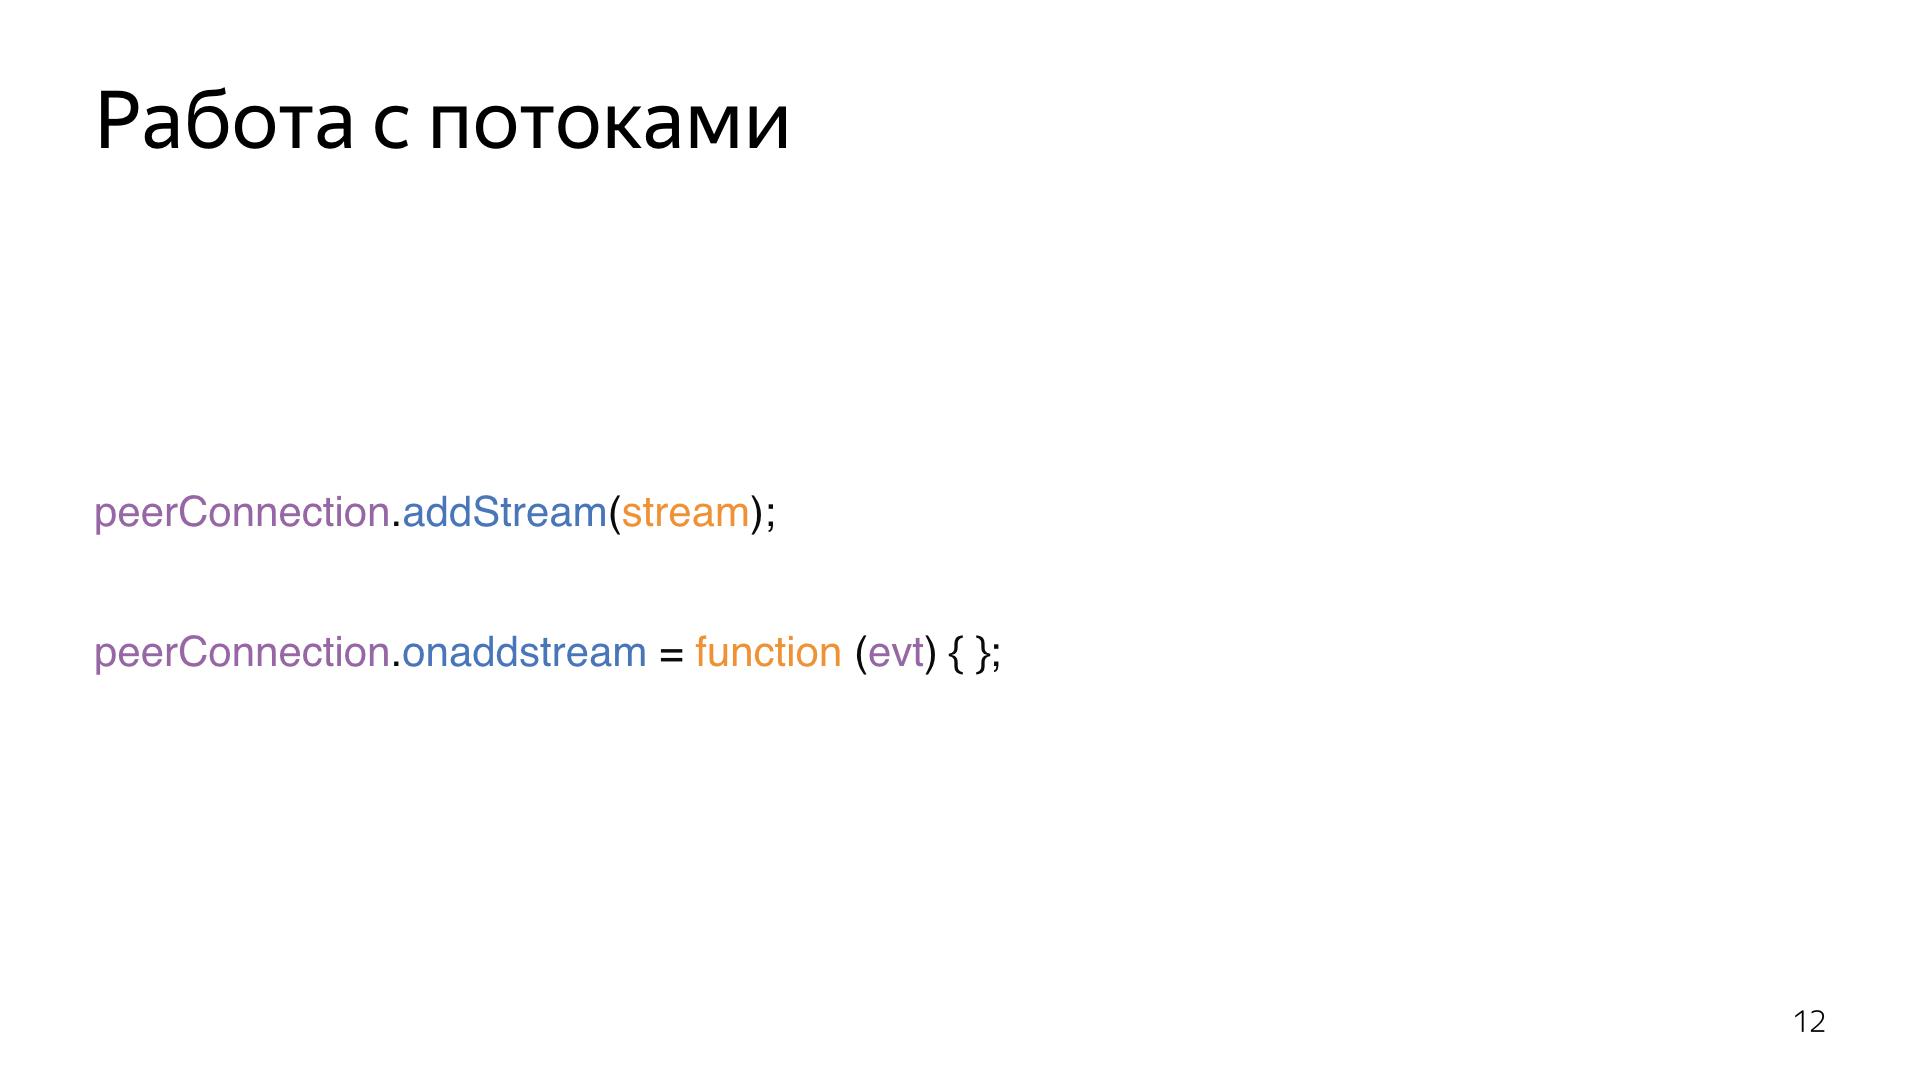 Опыт использования WebRTC. Лекция Яндекса - 12